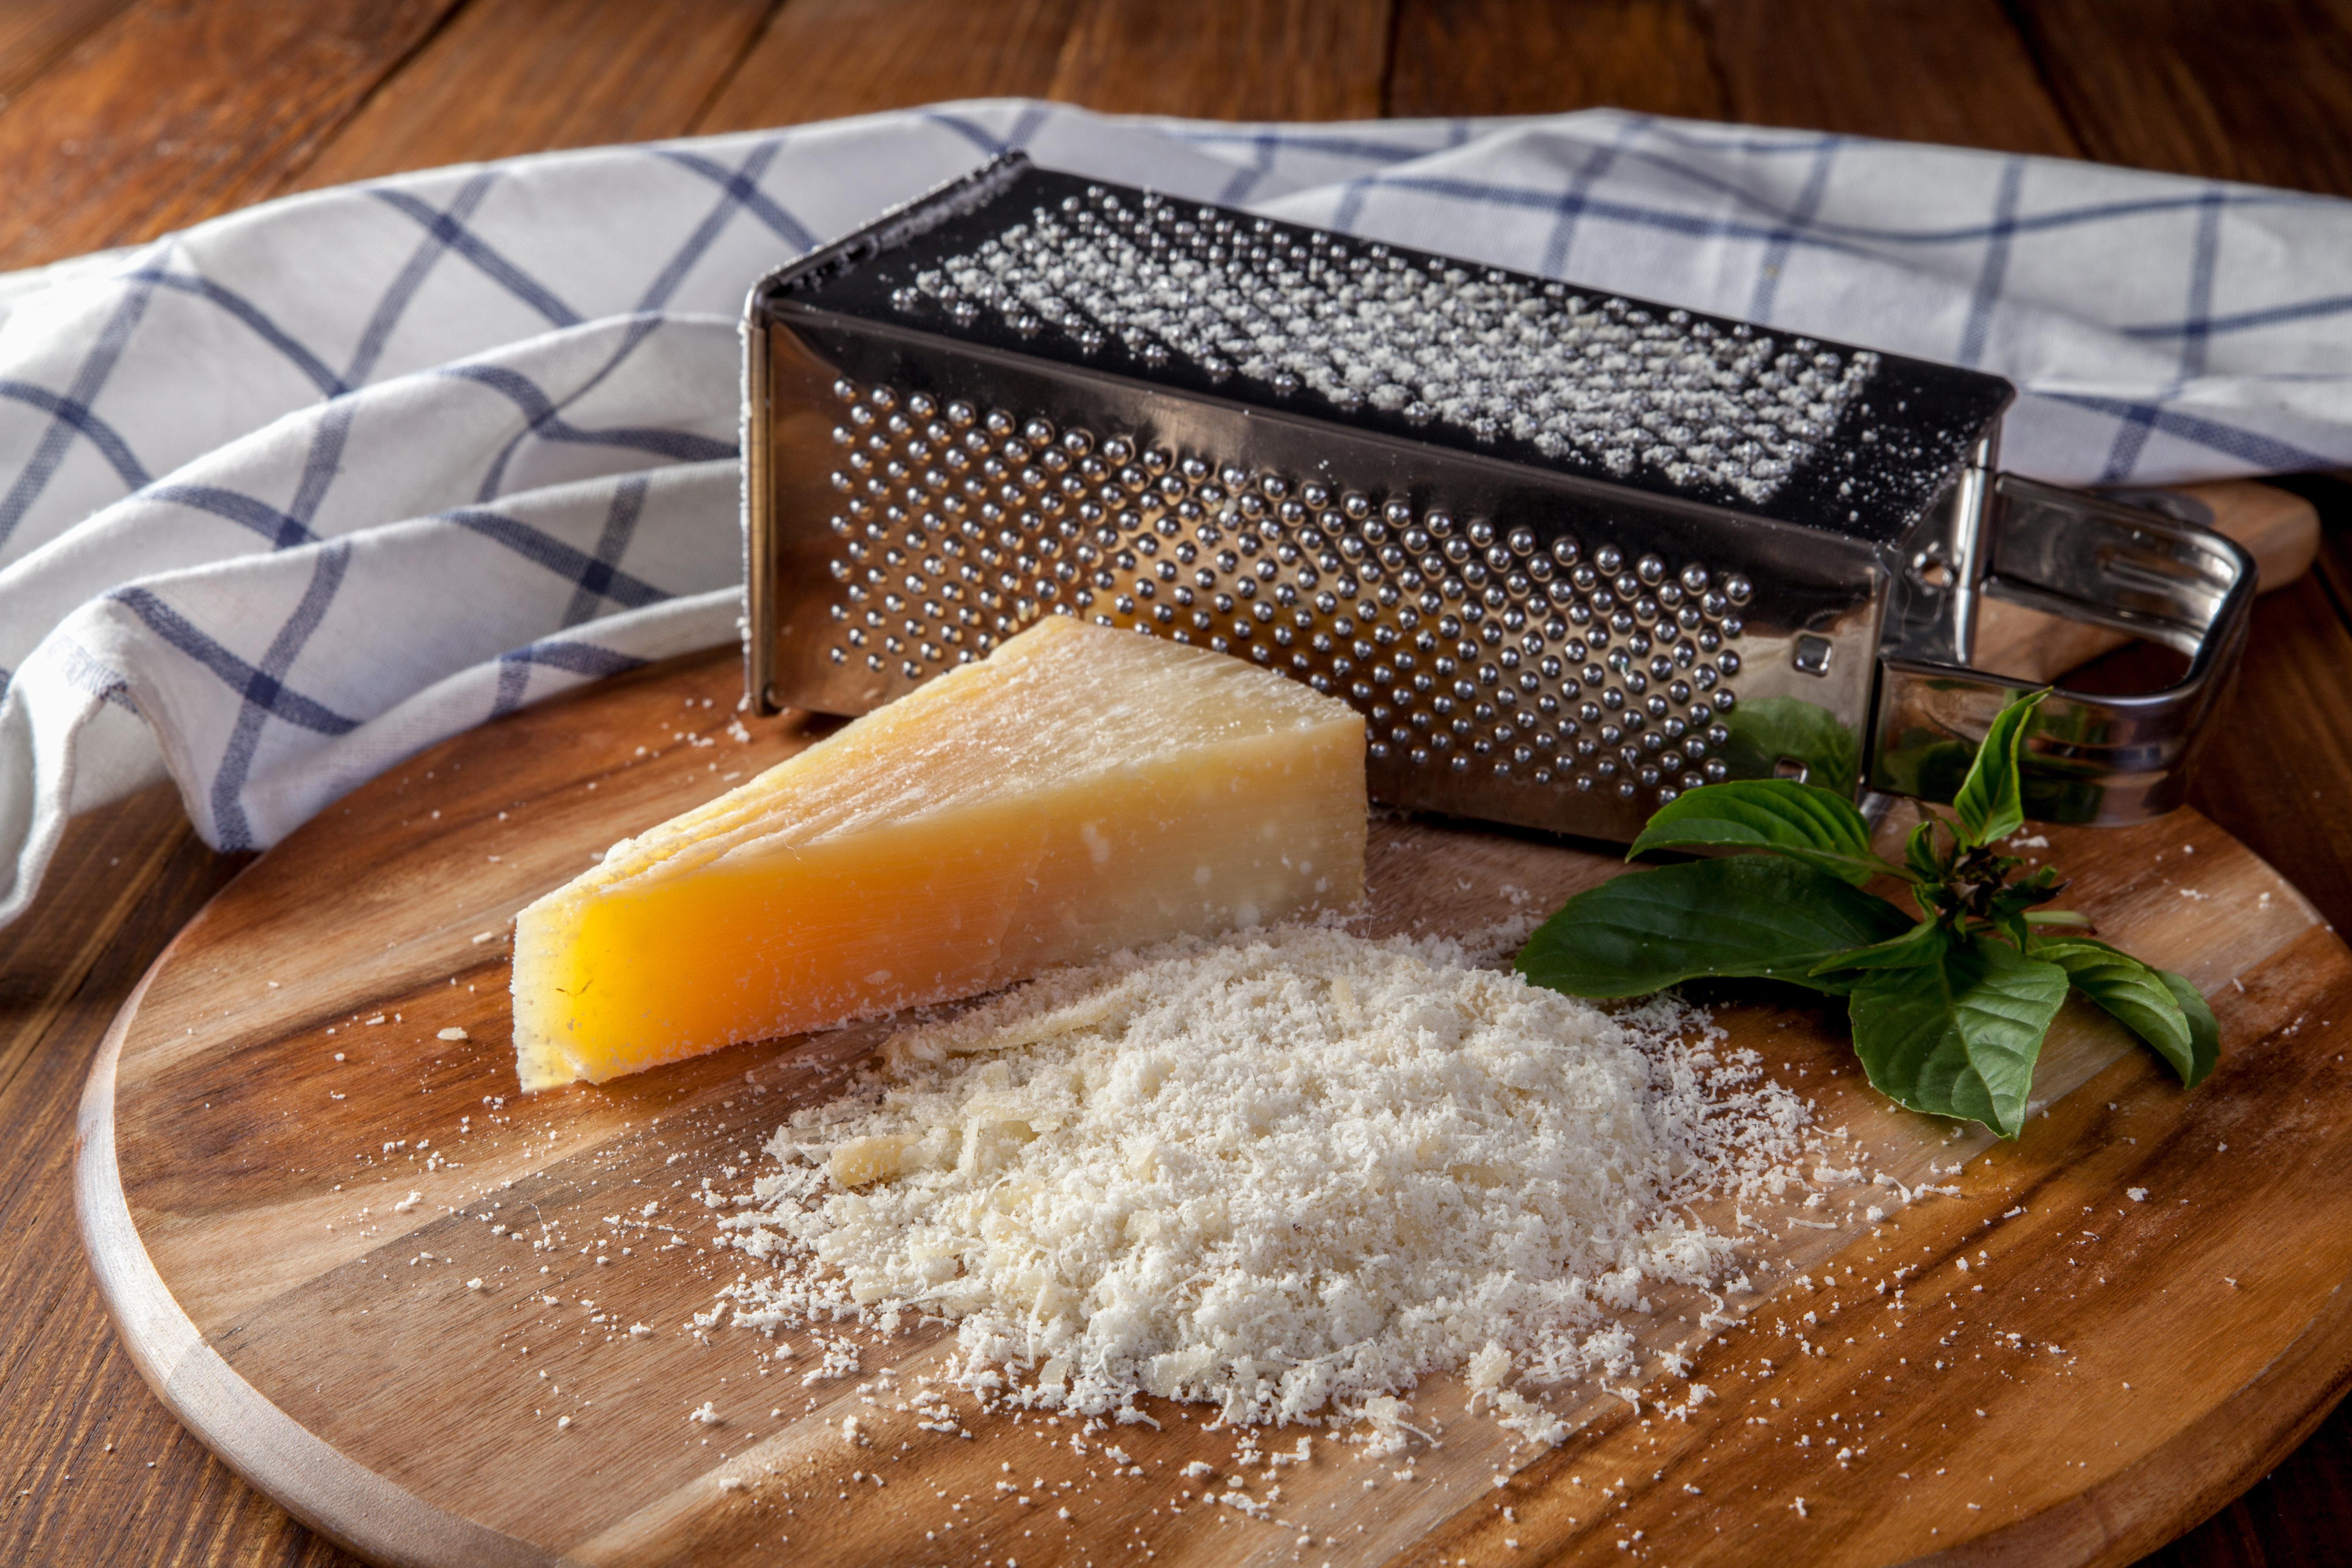 Αυτό το βίντεο αποδεικνύει ότι τόσο καιρό τρίβουμε το τυρί